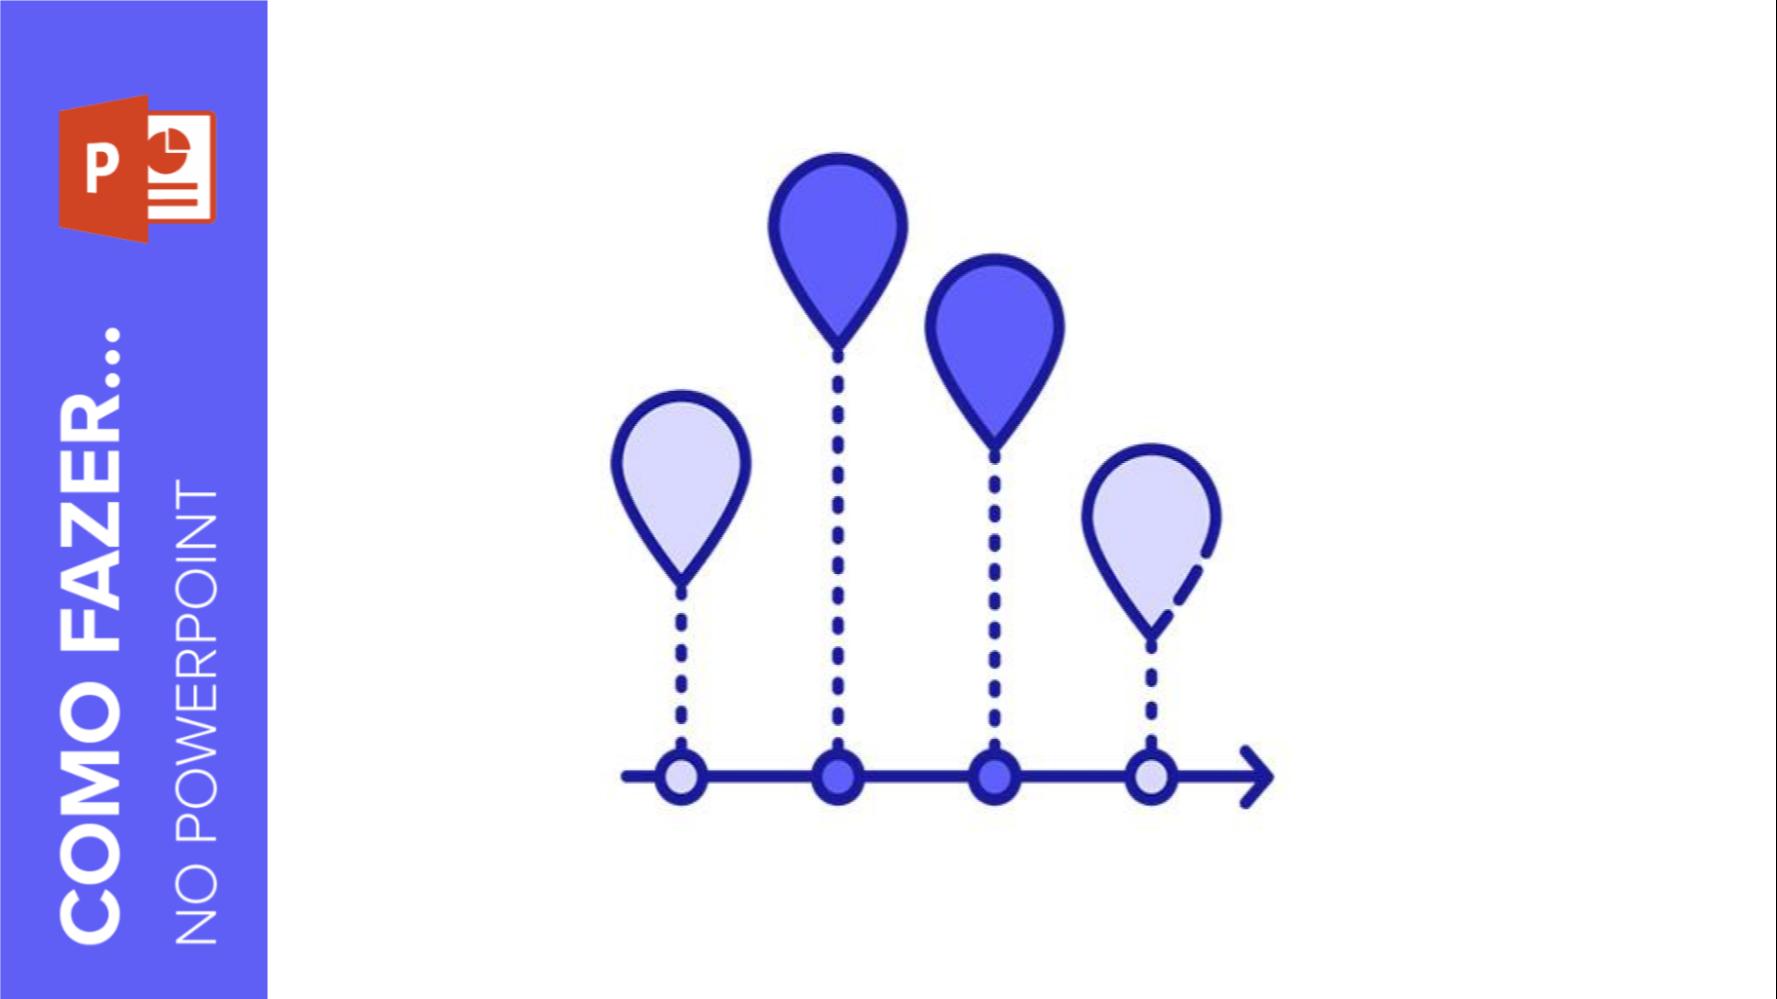 Como criar uma linha do tempo no PowerPoint | Tutoriais e Dicas de apresentação